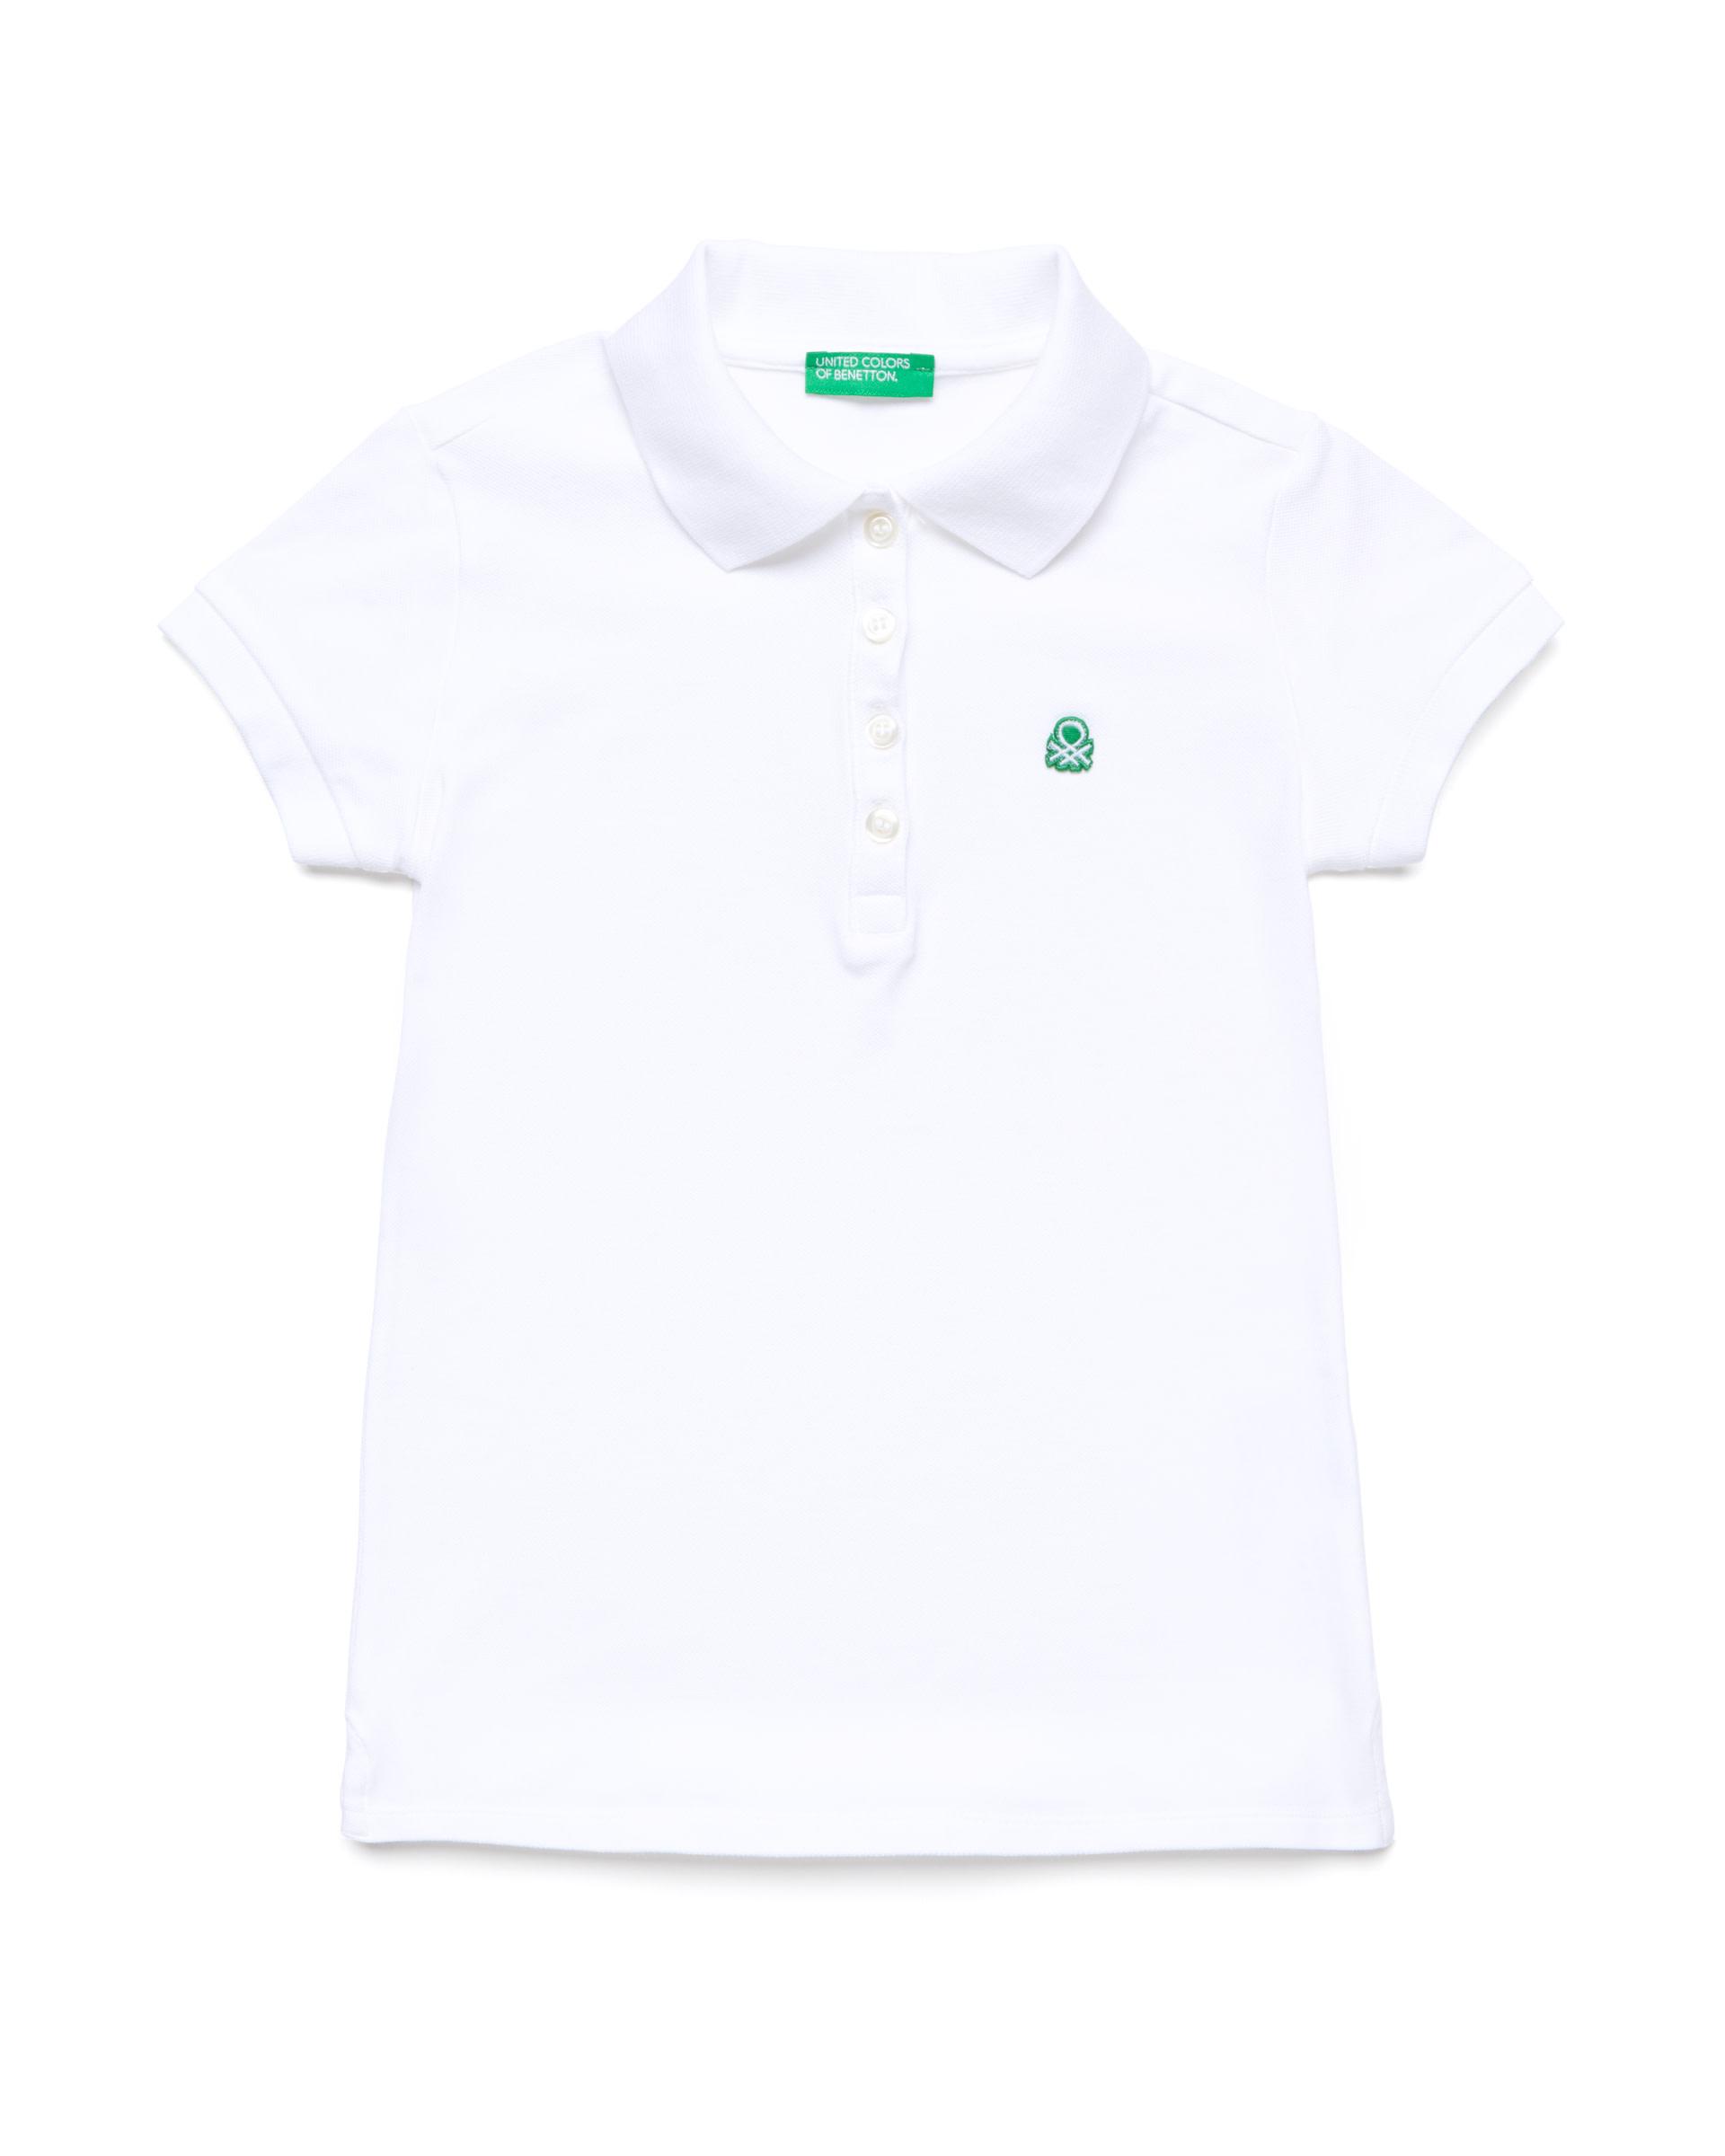 Купить CCC_3WG9C3092_101, Поло-пике для девочек Benetton 3WG9C3092_101 р-р 170, United Colors of Benetton, Детские футболки